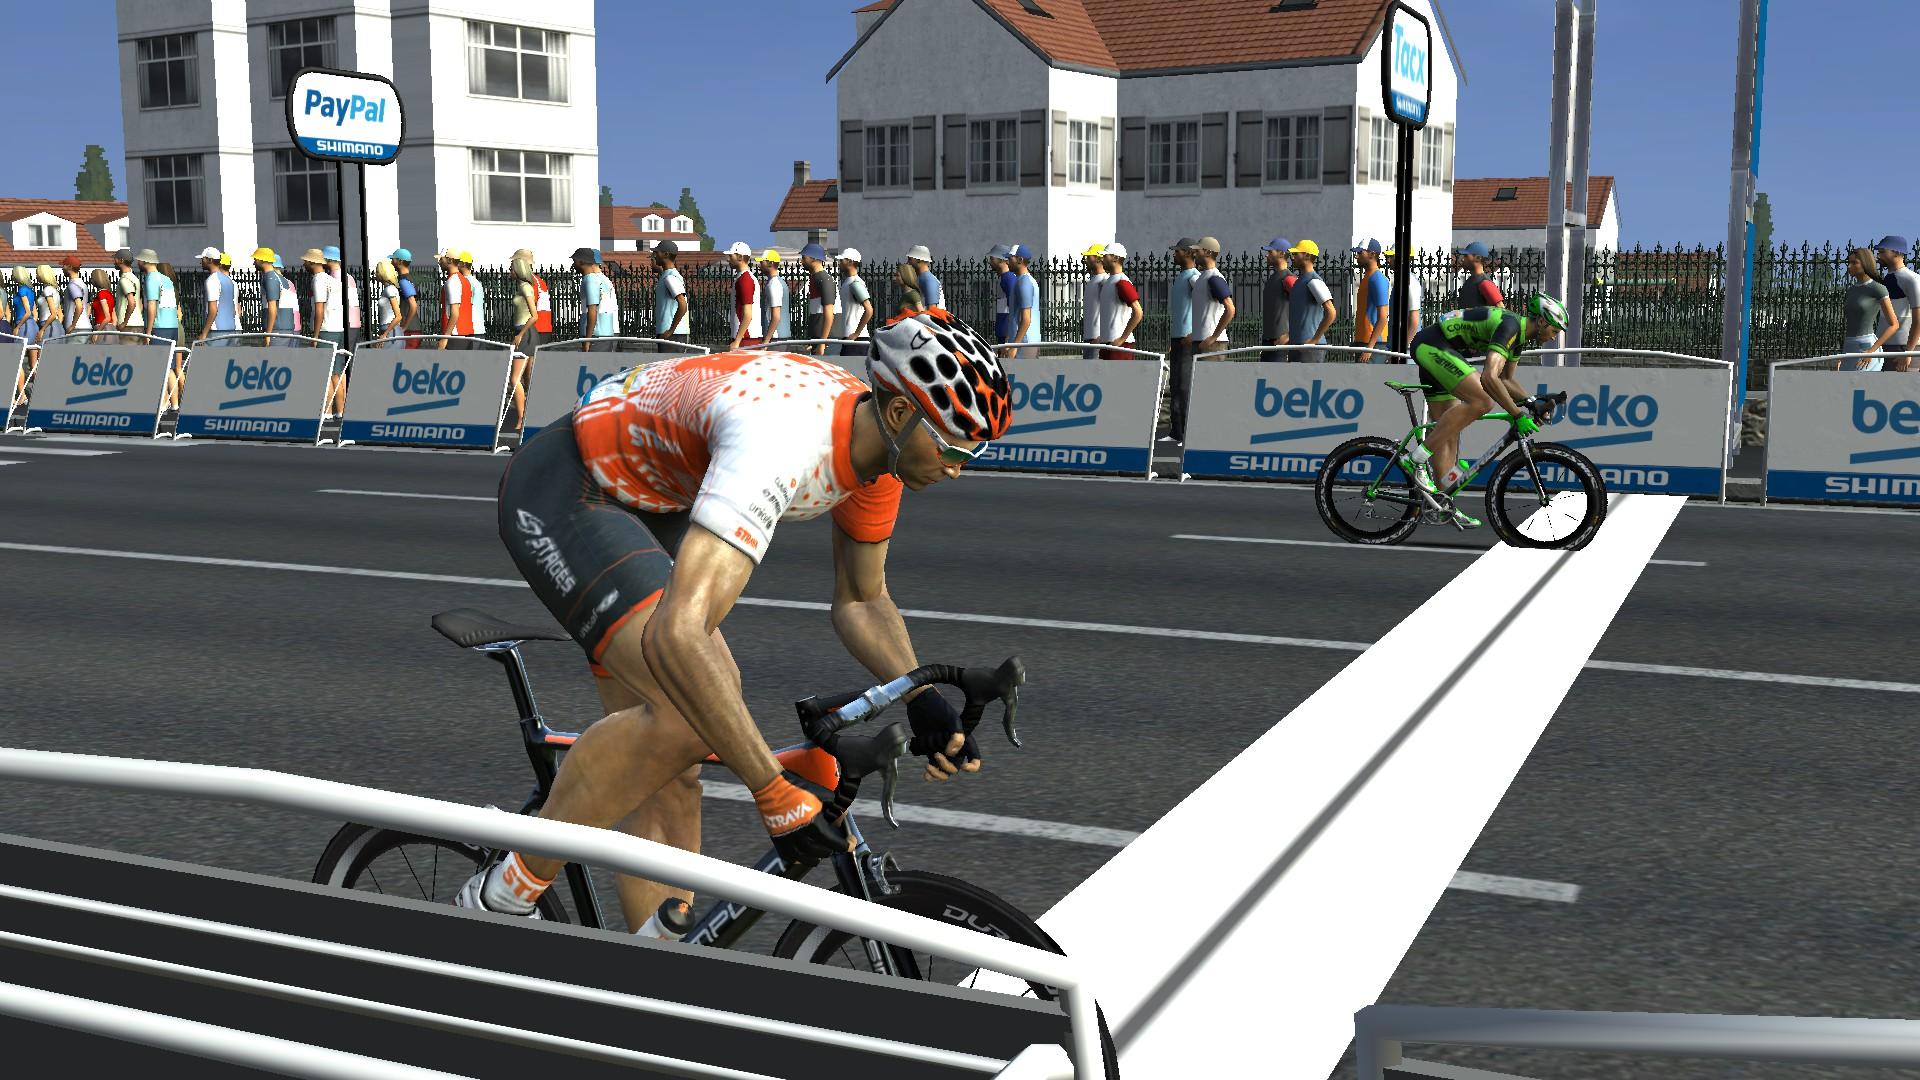 pcmdaily.com/images/mg/2016/Races/PCT/Tours/tours16.jpg